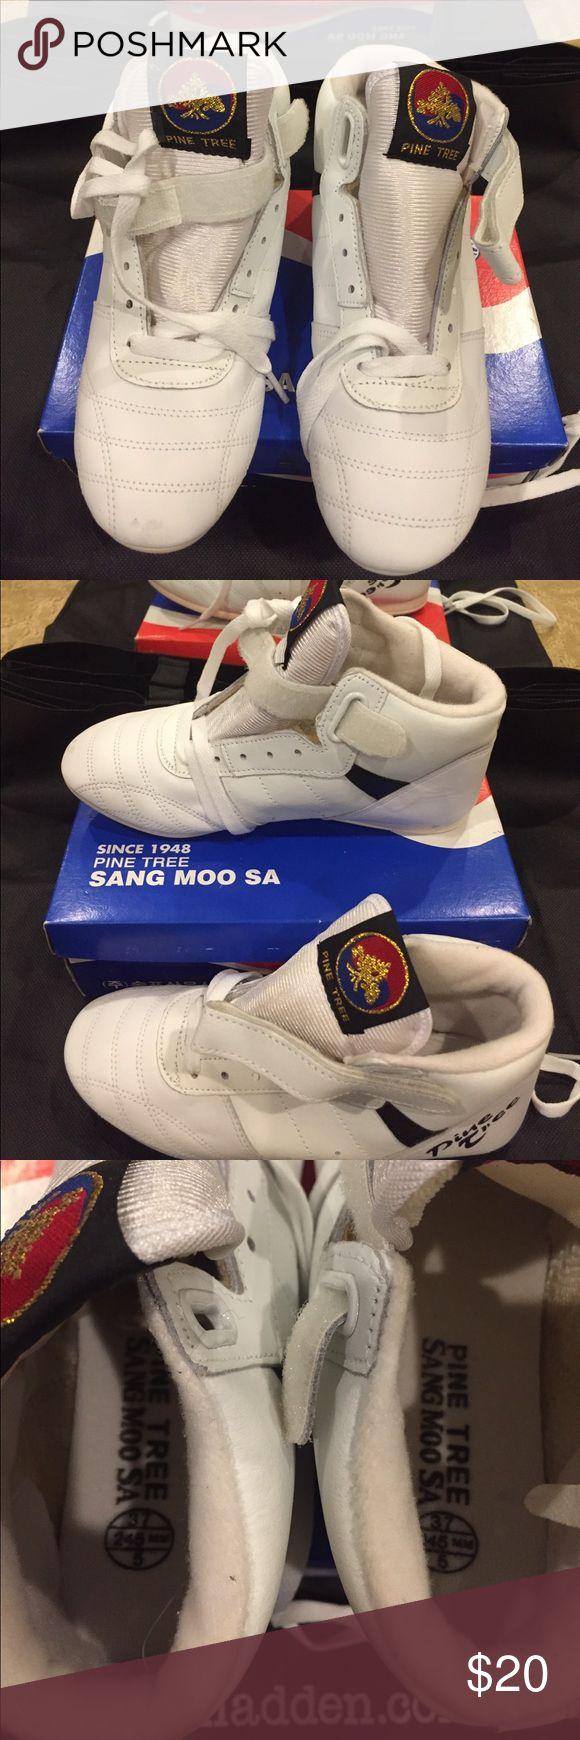 Taekwondo shoes Brand new Pine Tree Sang Moosa size 5 taekwondo shoes. With box. Pine Tree Sang Moo Sa Shoes Athletic Shoes